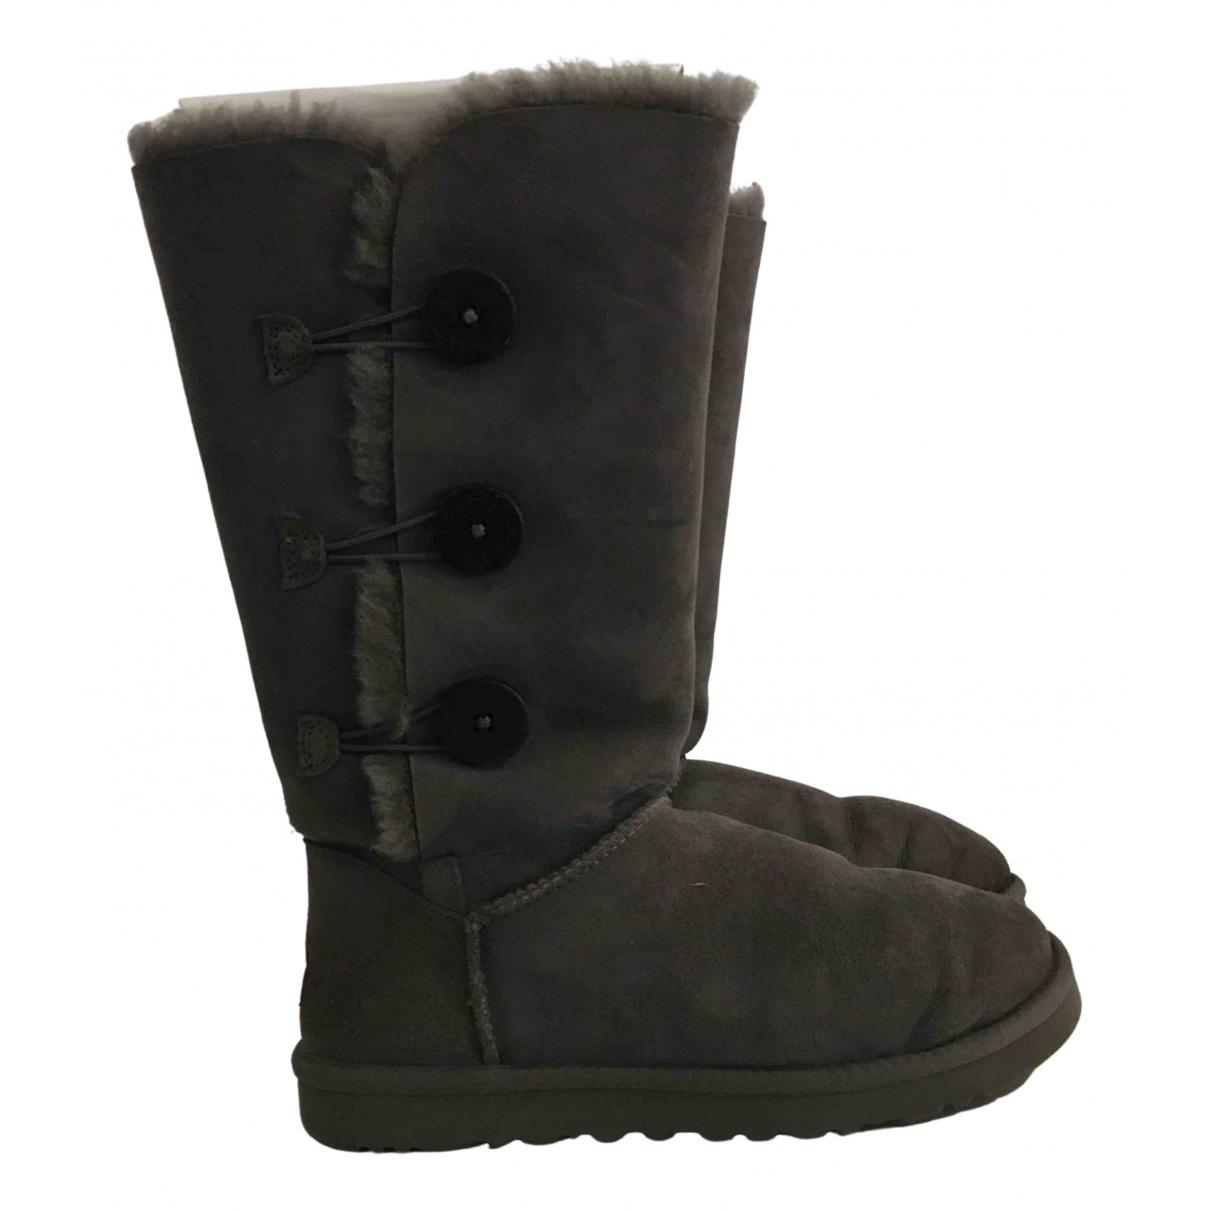 Ugg - Boots   pour femme en mouton - gris